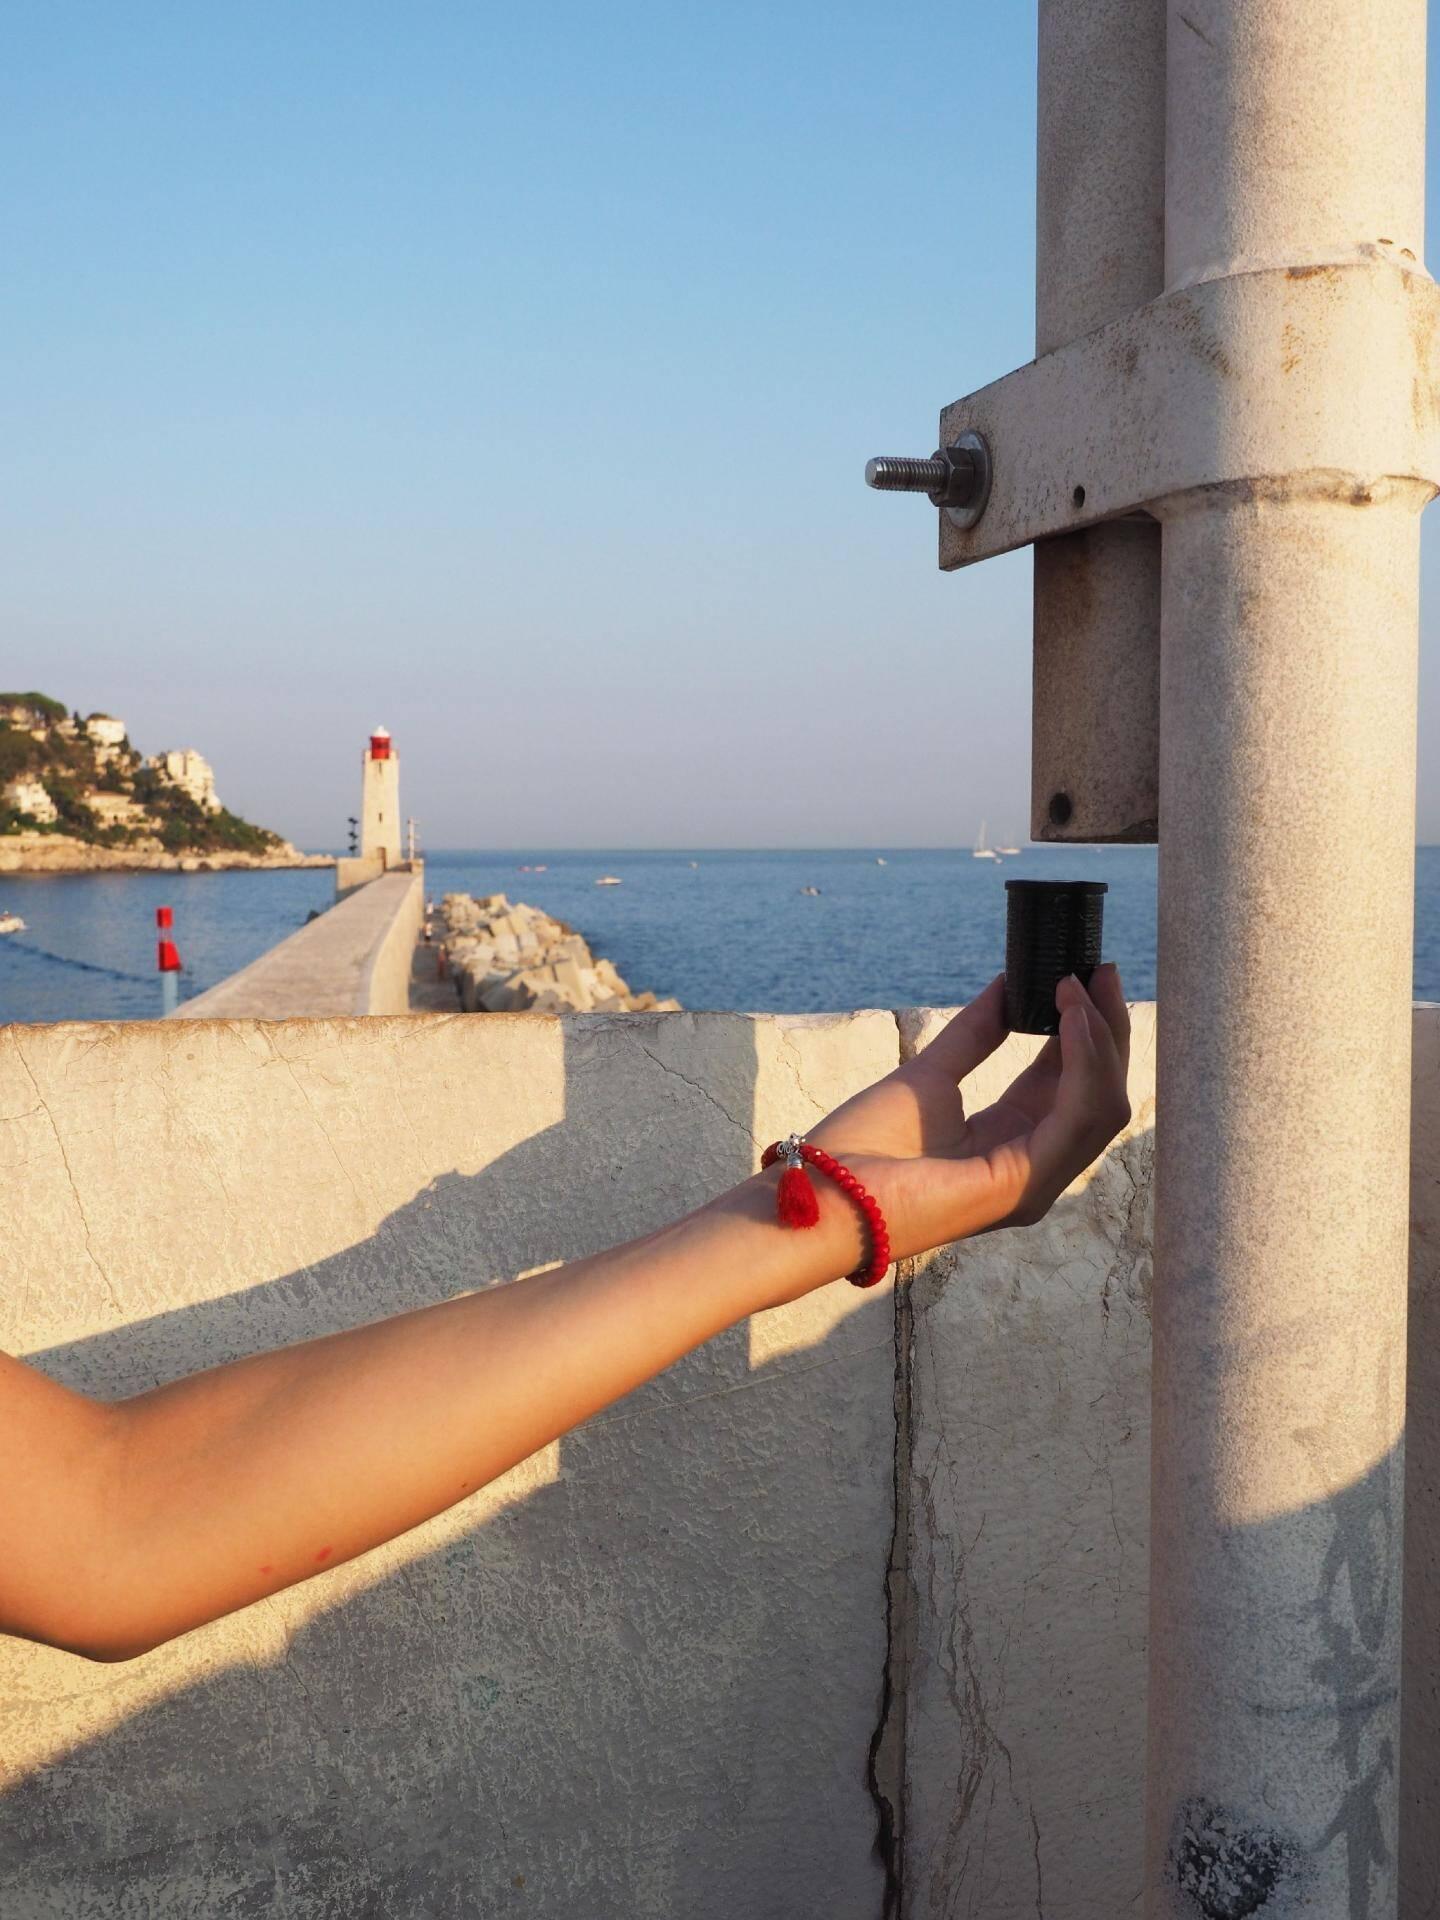 Cache secrète sur le port de Nice. À l'intérieur de ce boîtier de pellicule photo, un petit carnet pour attester de sa découverte.